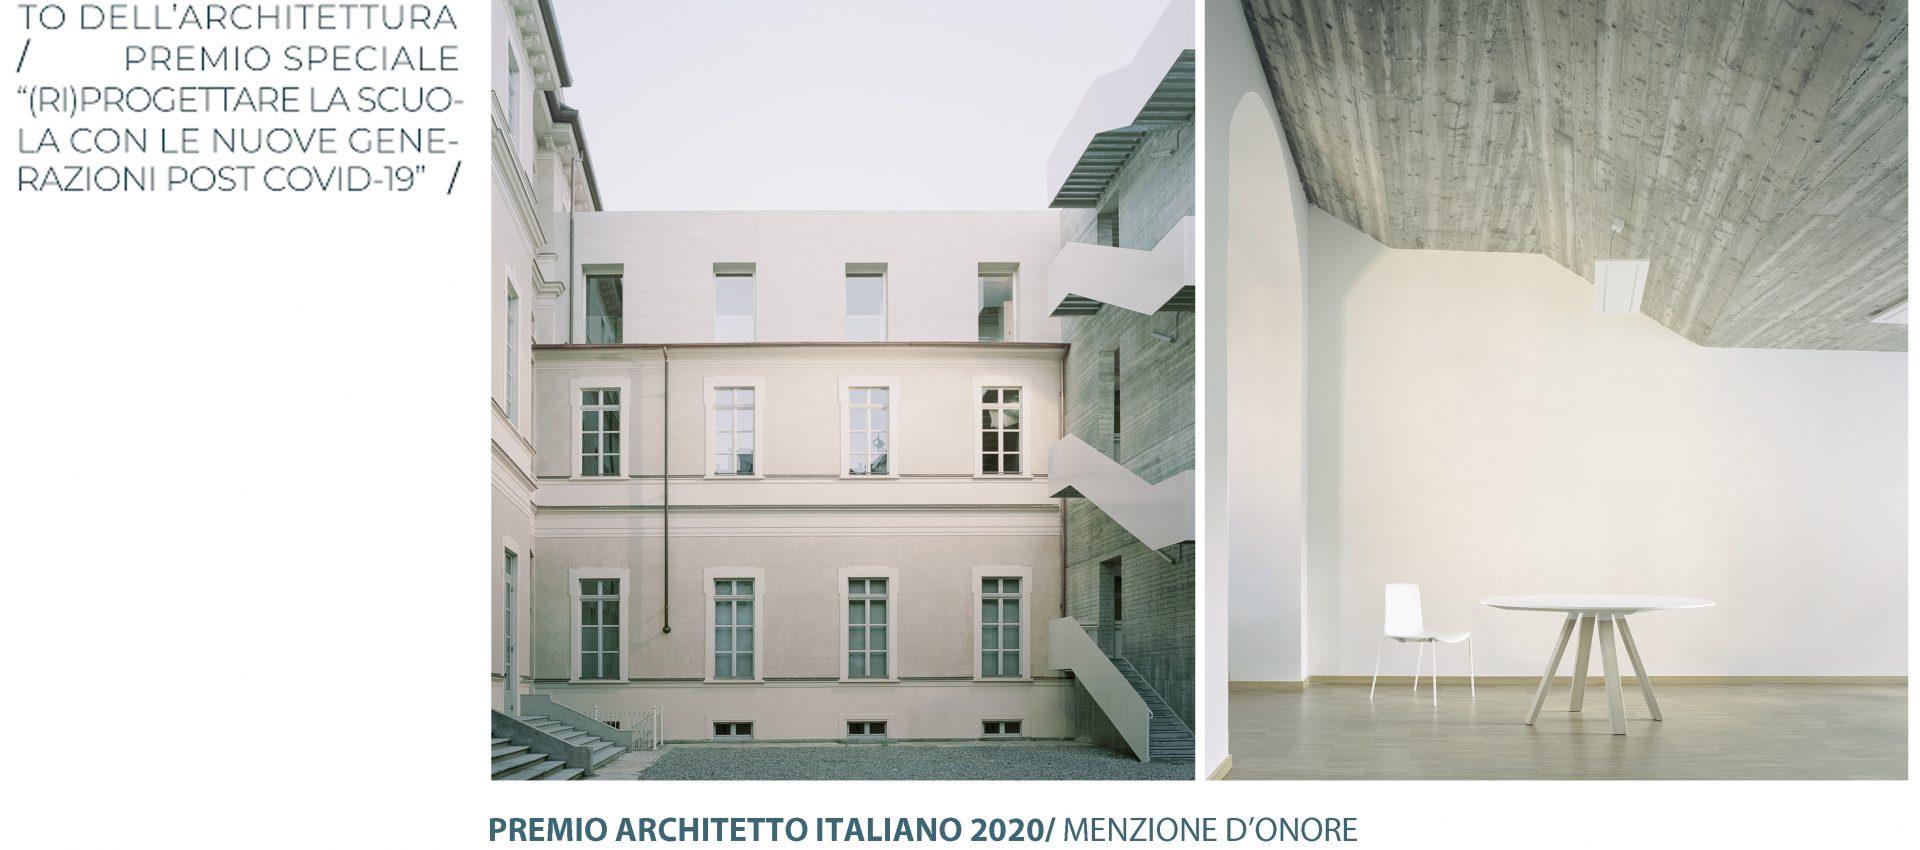 Areaprogetti menzione d'onore Festa dell'Architetto italiano 2020